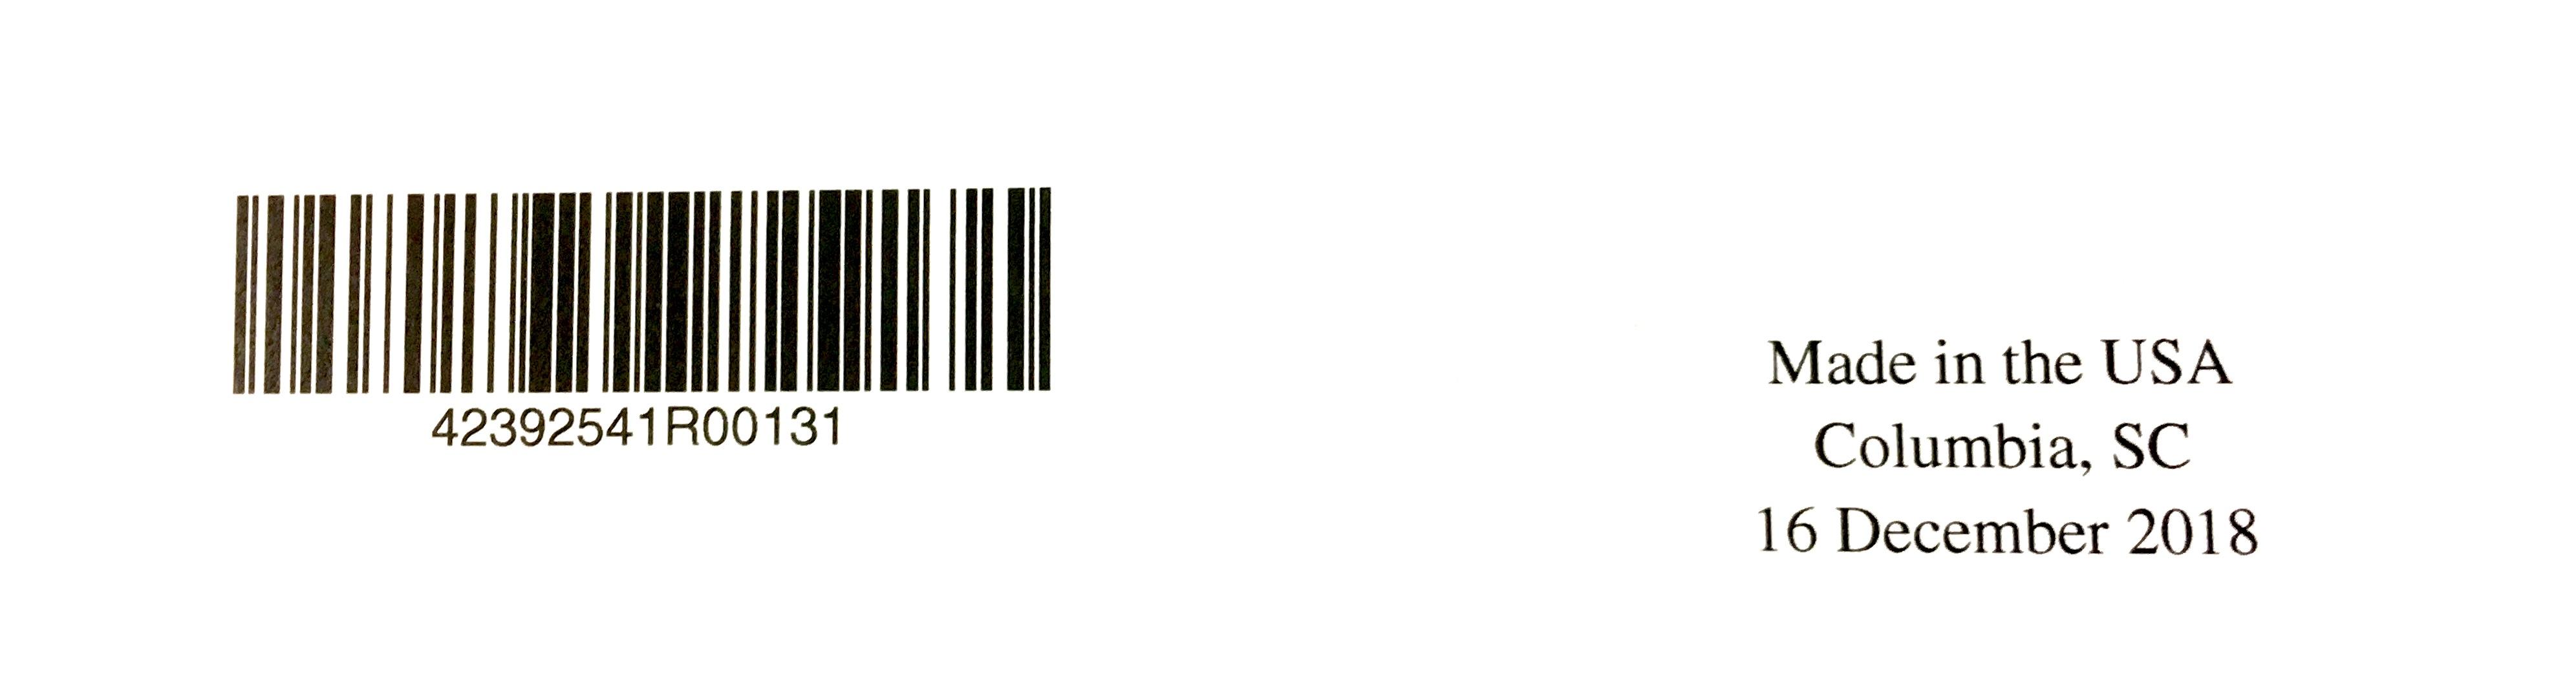 tlbtld-publication-details.jpg